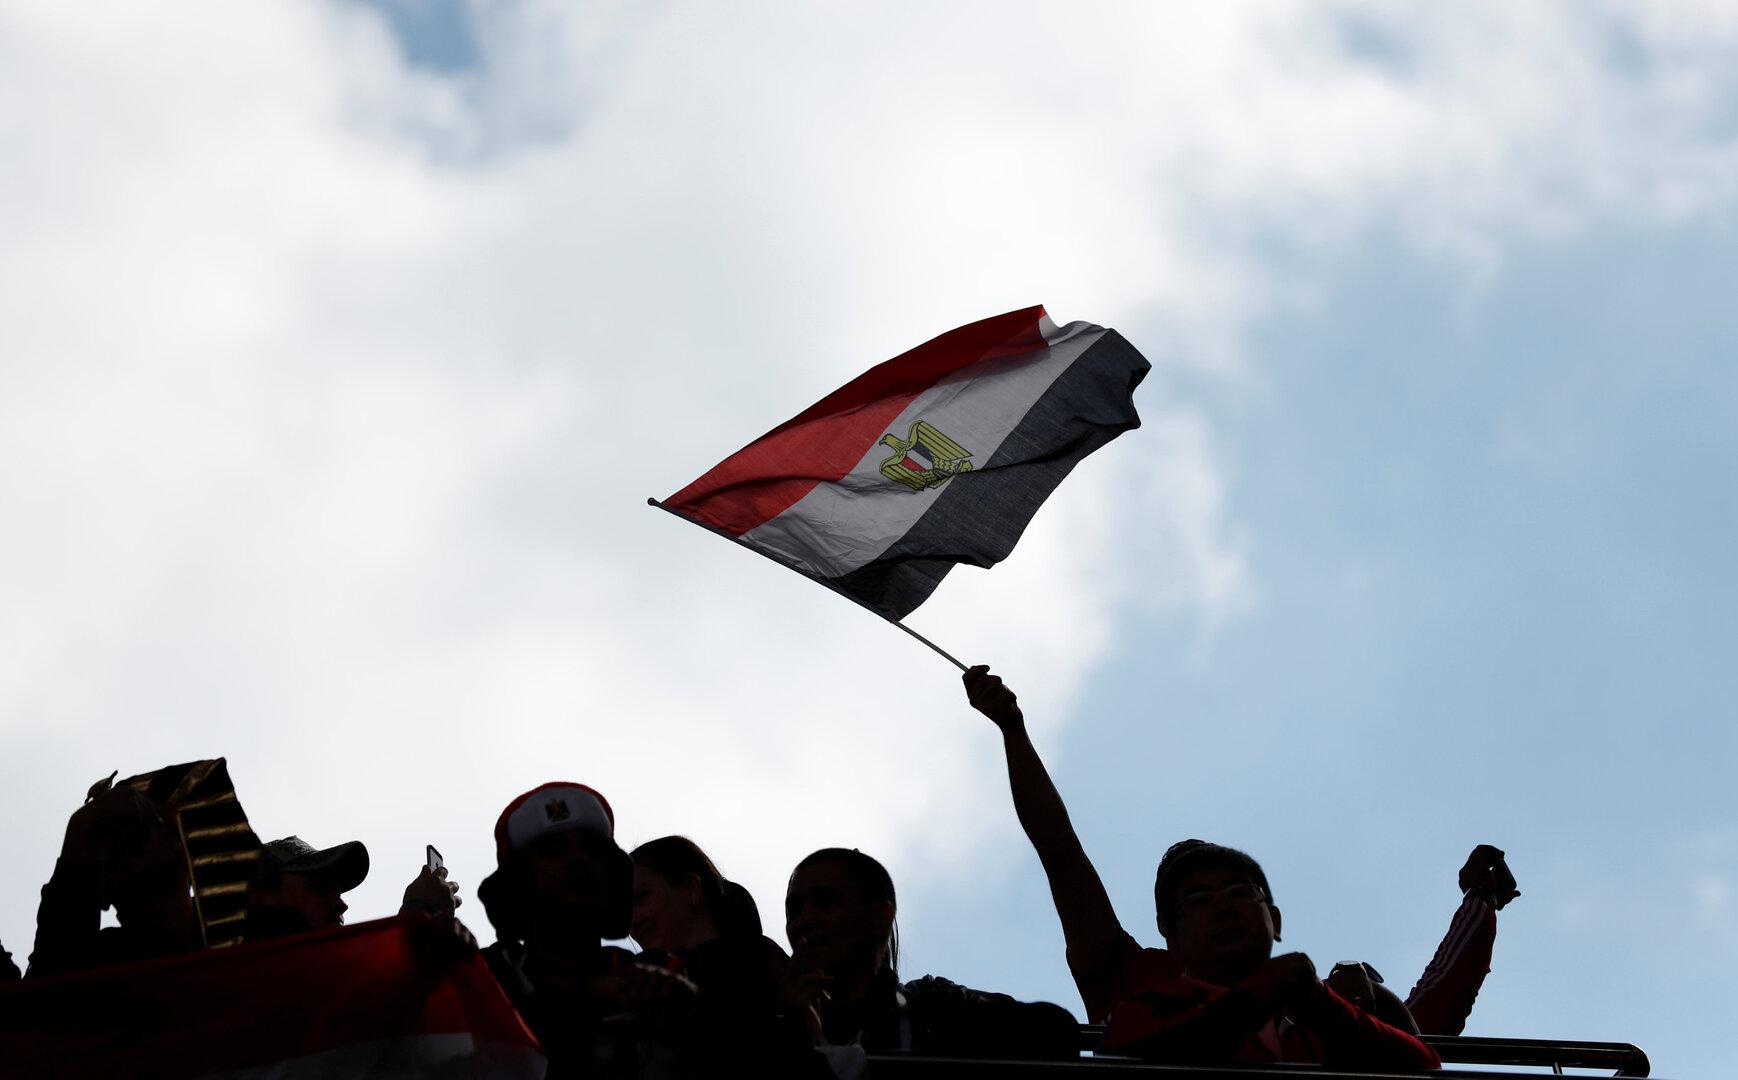 مصر تعيد أهم أذرع الدبلوماسية التجارية المصرية بعد انقطاع دام 6 سنوات